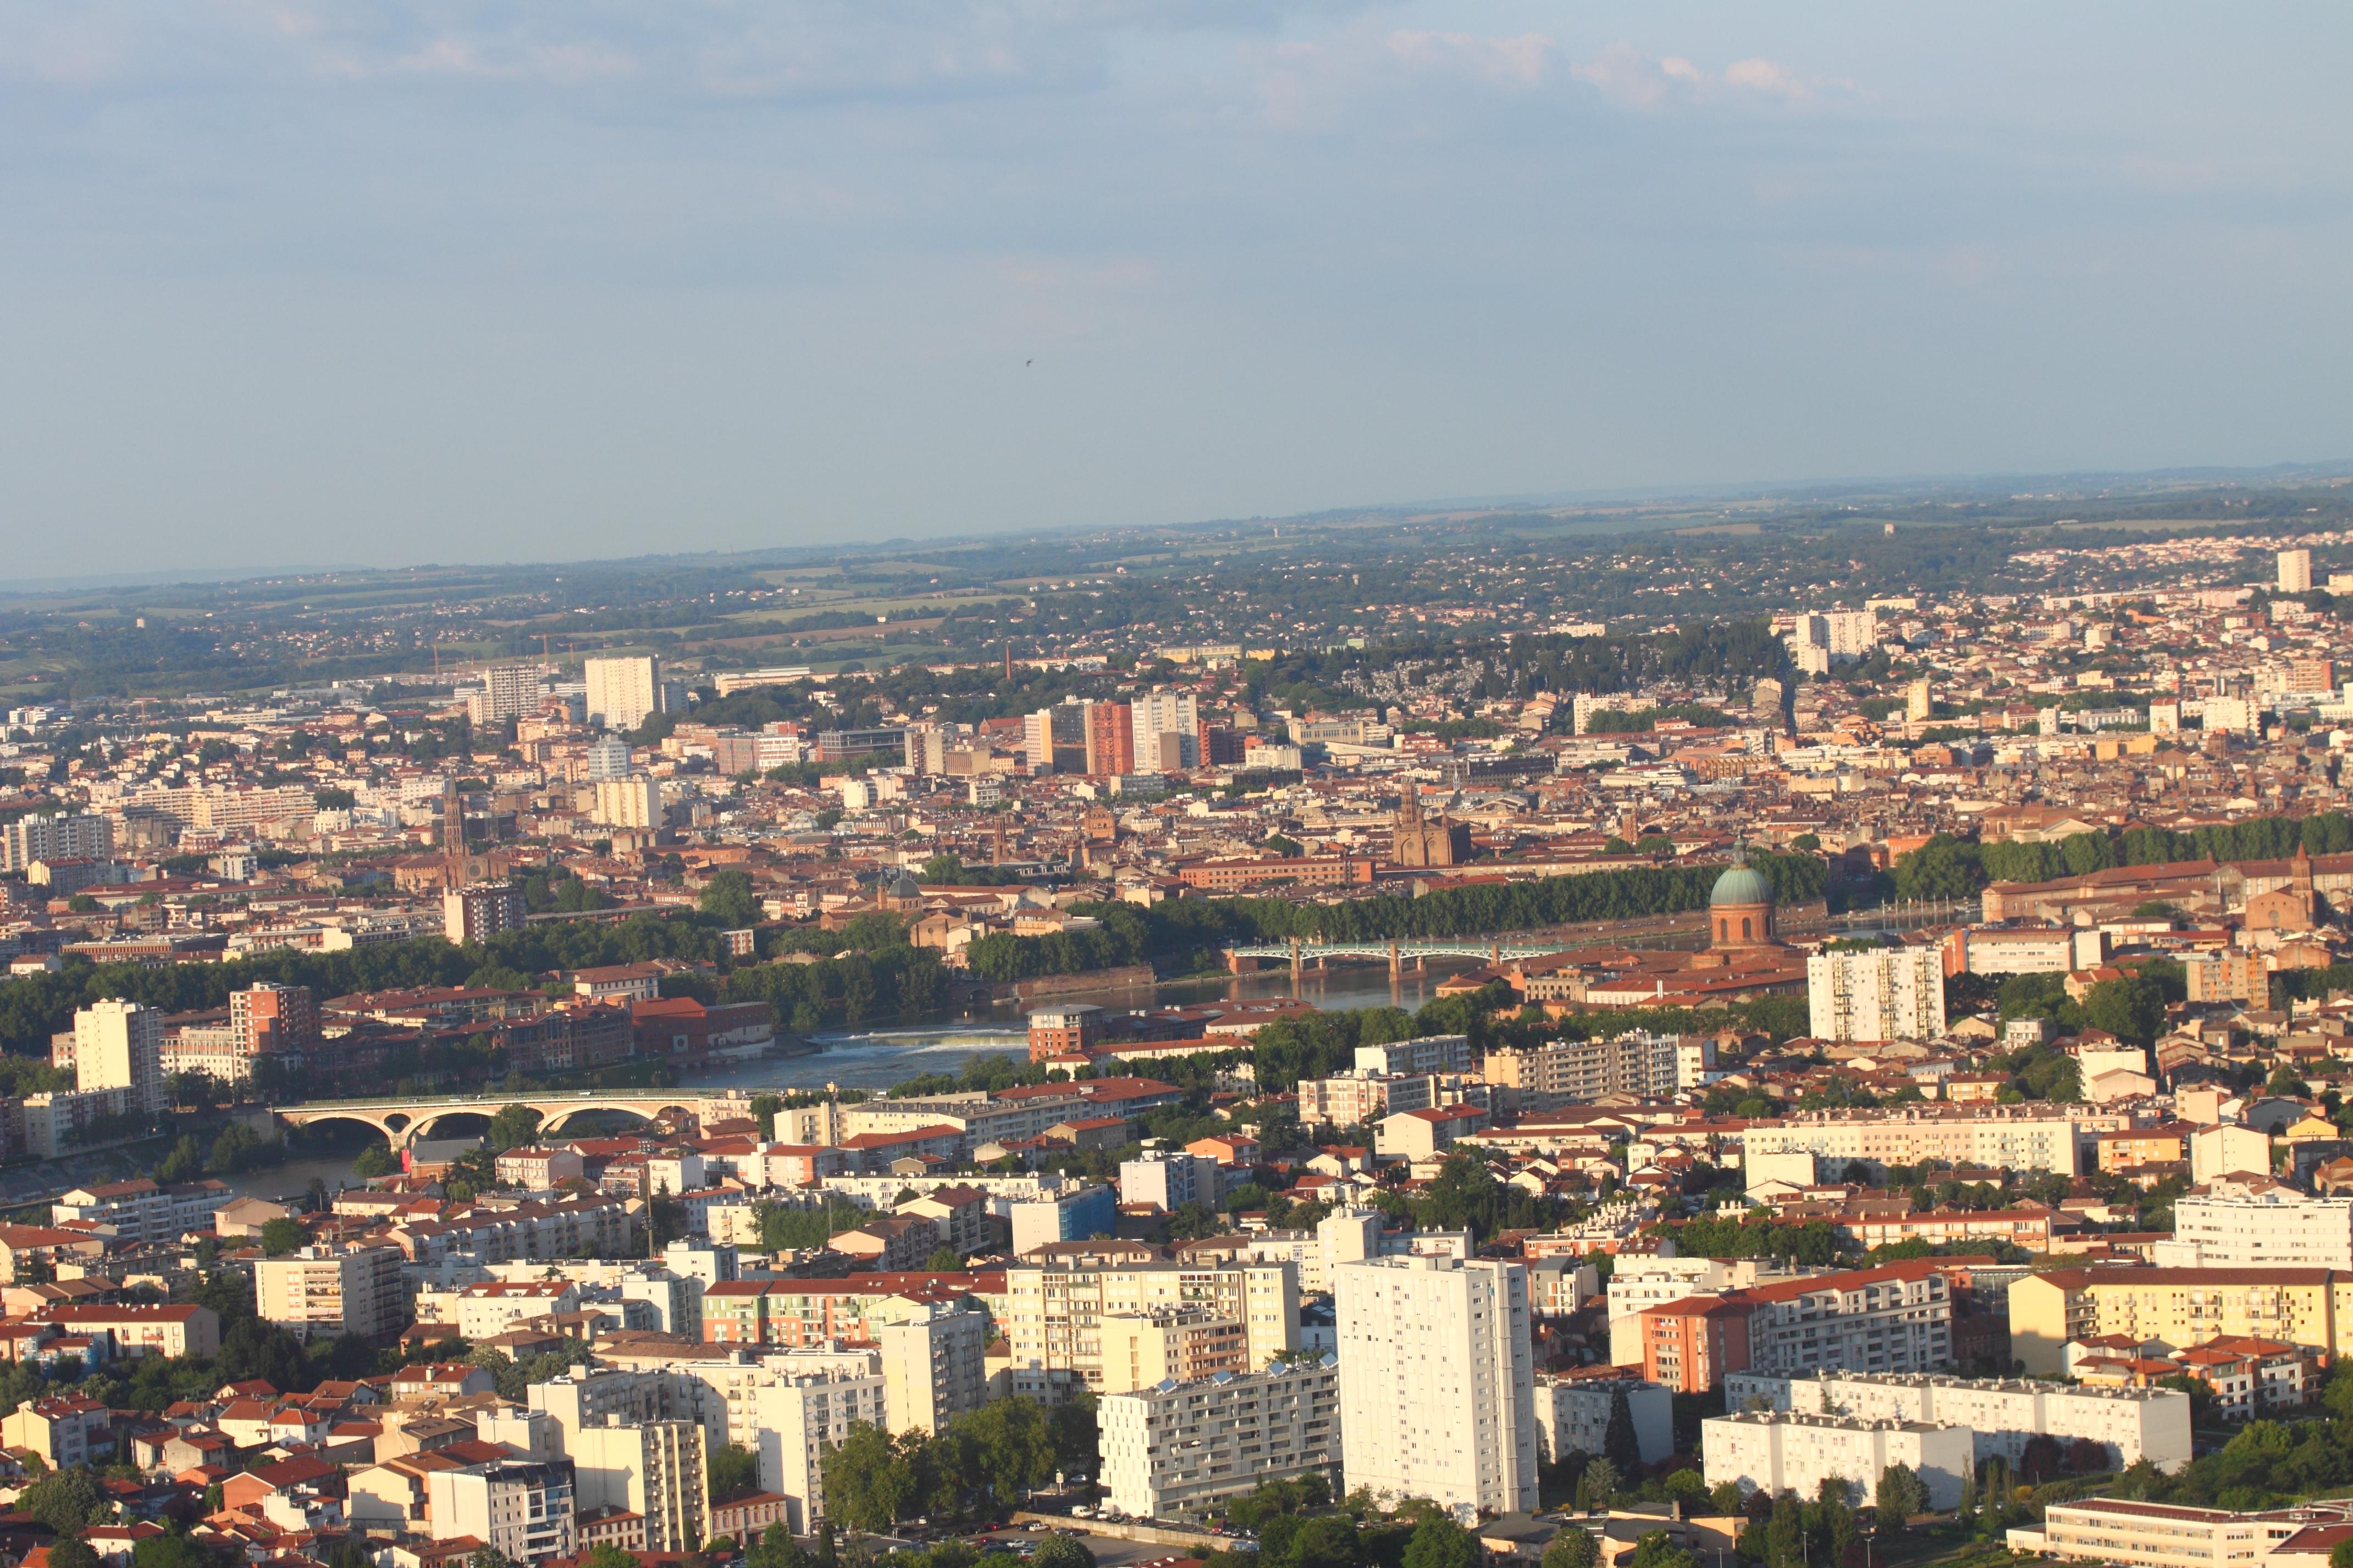 BONHOURE-GUILHEMERY-CHÂTEAU-DE-L'HERS-LIMAYRAC-CÔTE-PAVÉE